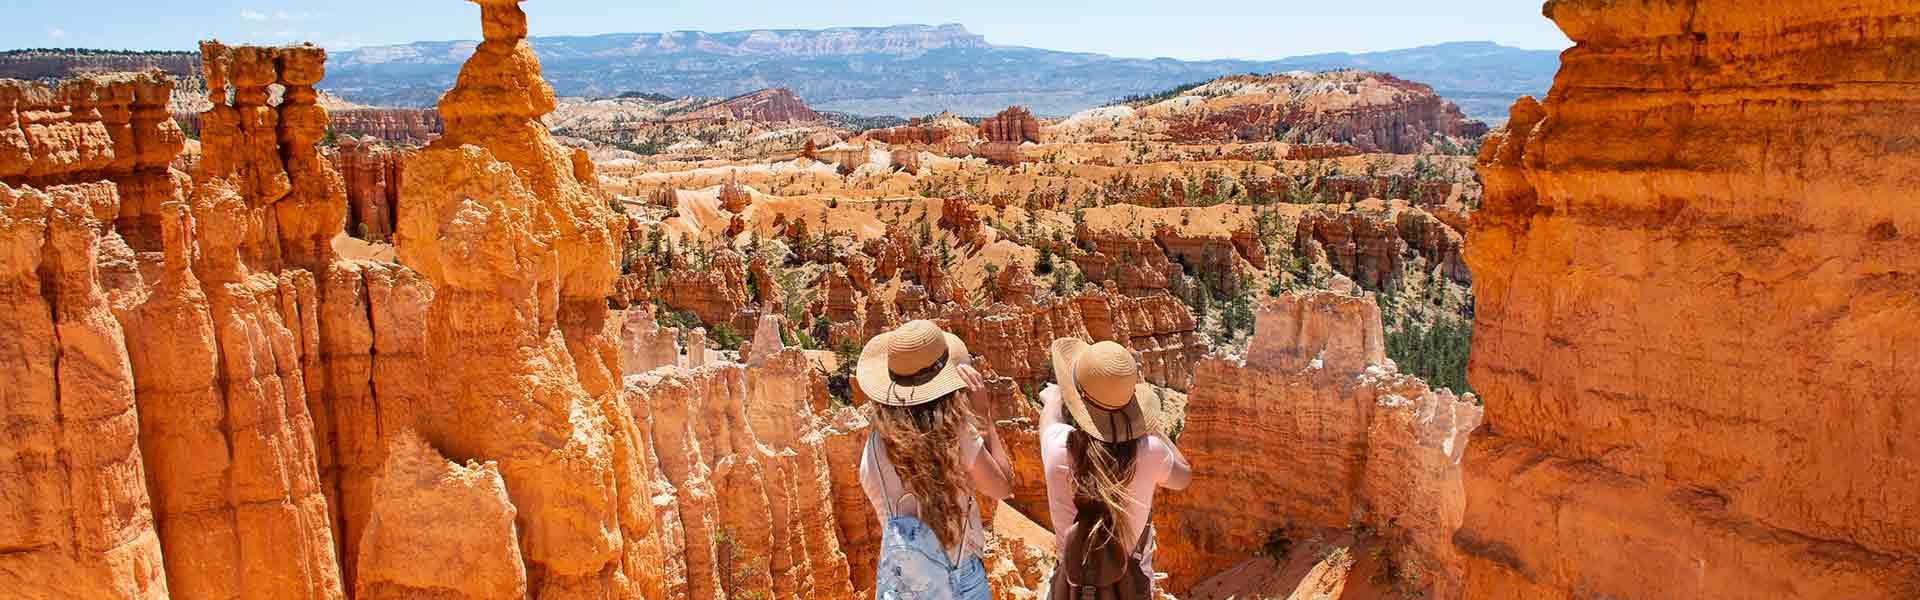 2 girls in a desert in Utah